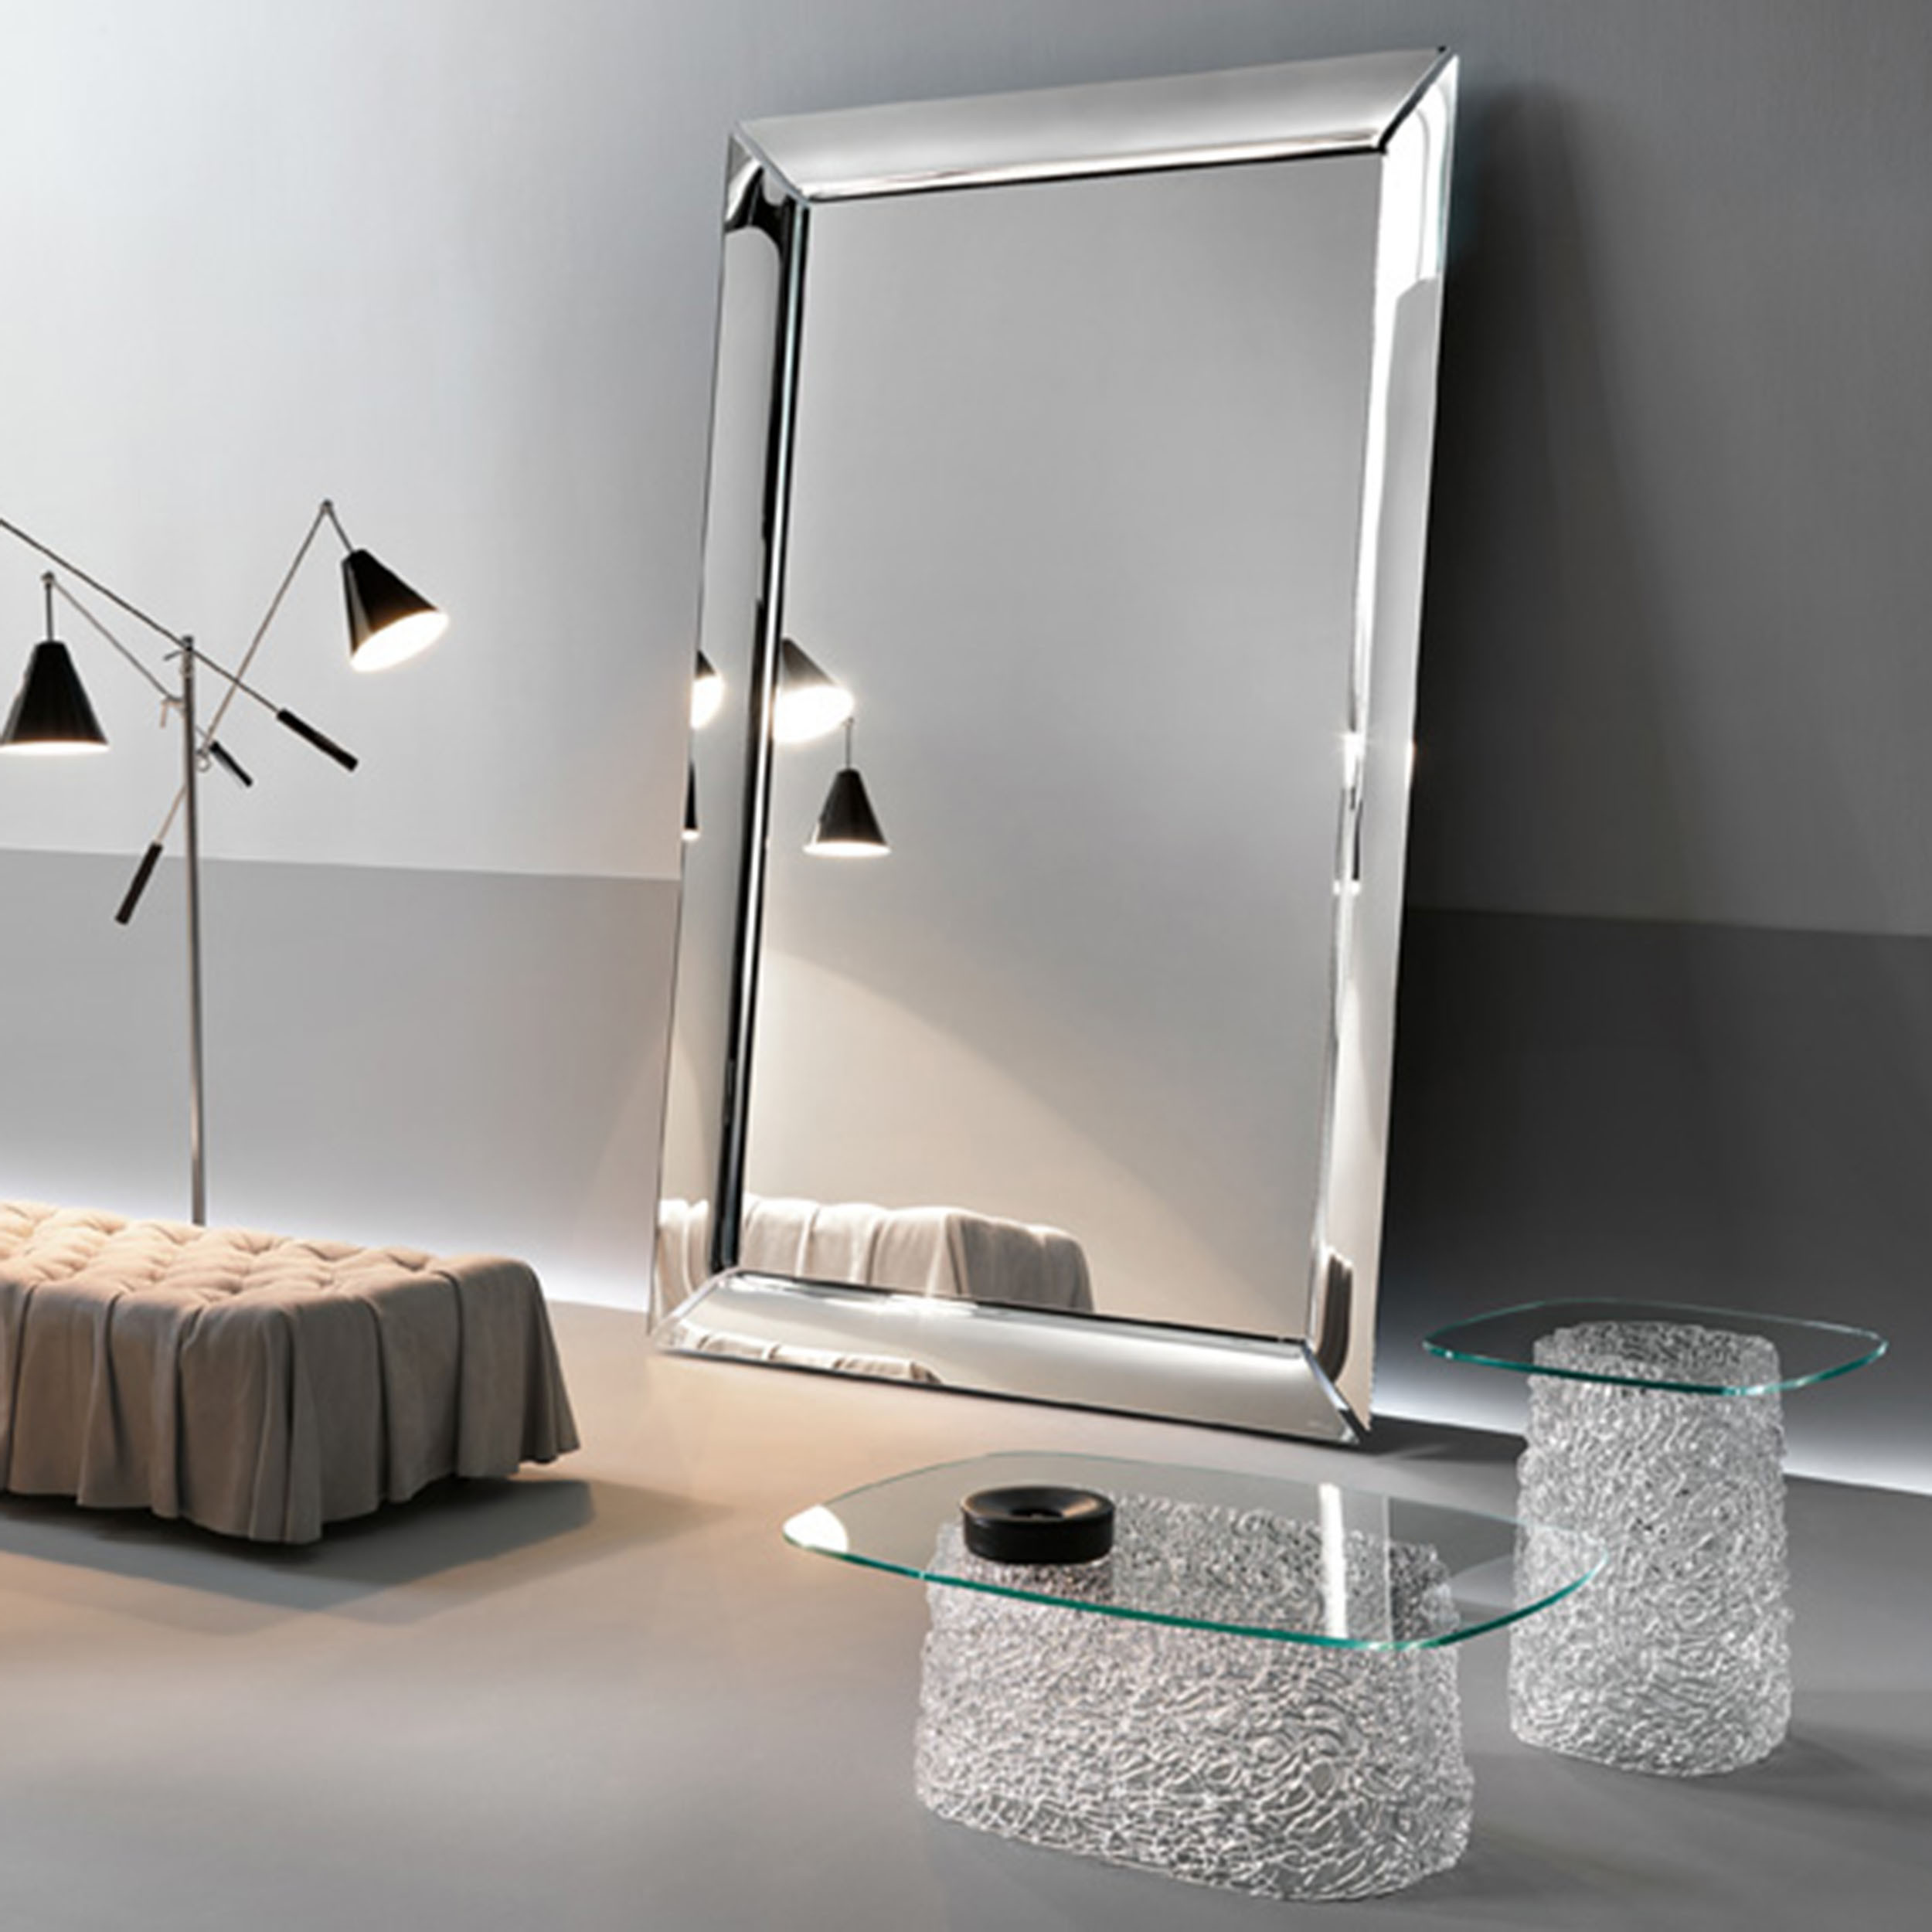 caadre spiegel m online kaufen bei woonio. Black Bedroom Furniture Sets. Home Design Ideas